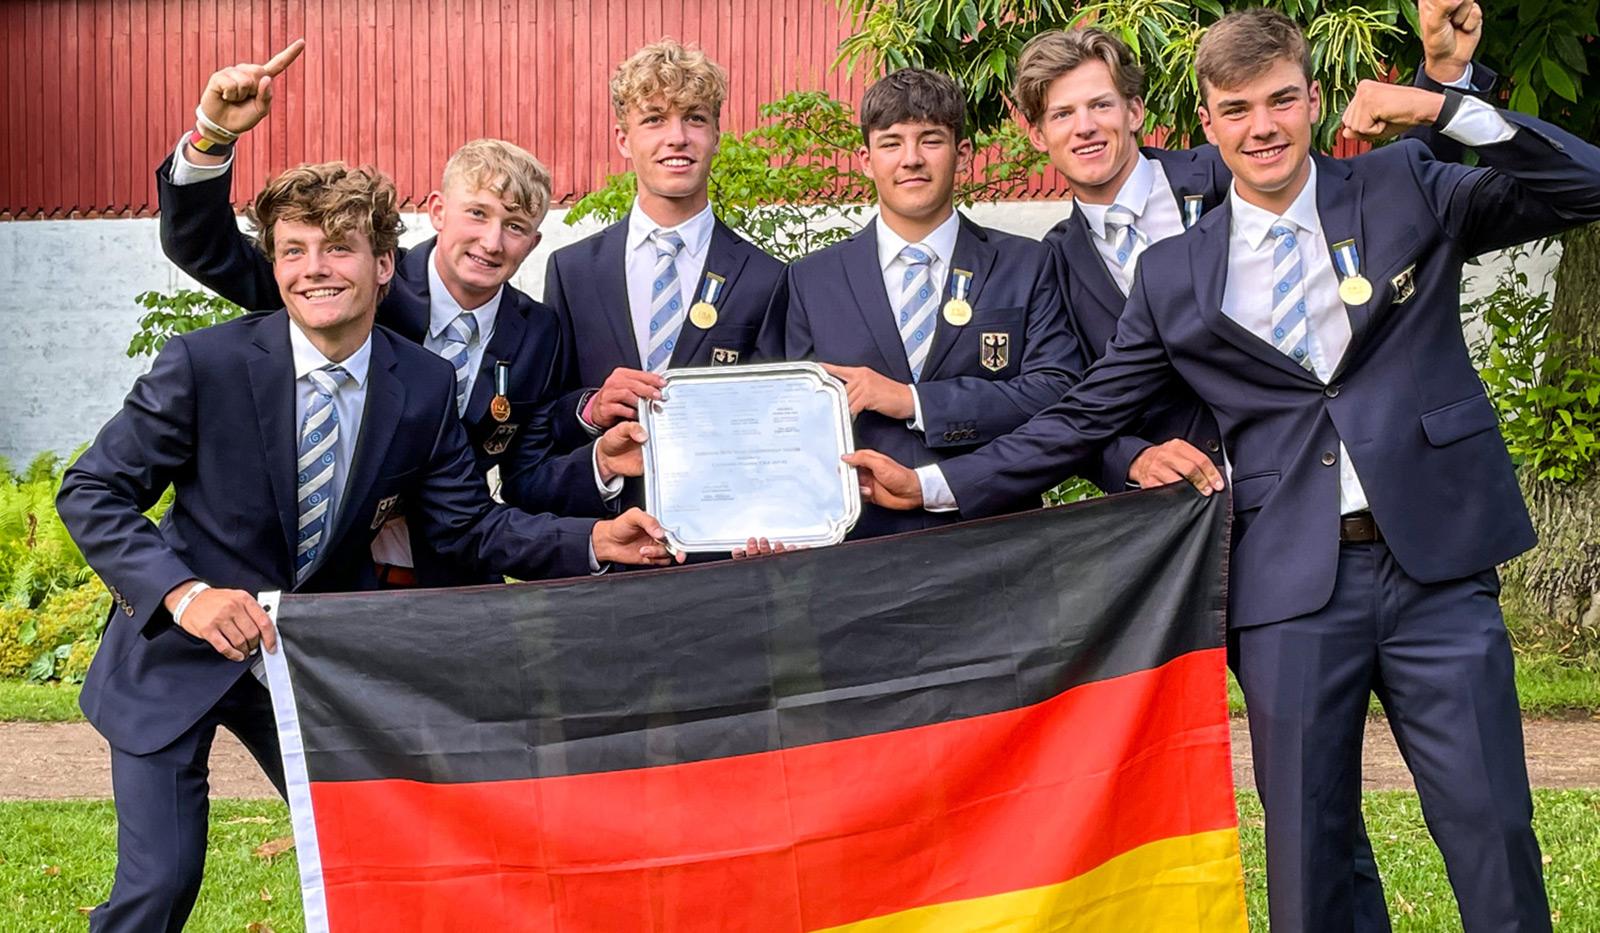 golf europameisterschaft jungen - Golf Europameisterschaft 2021 – Deutschlands Jungen holen den Titel!